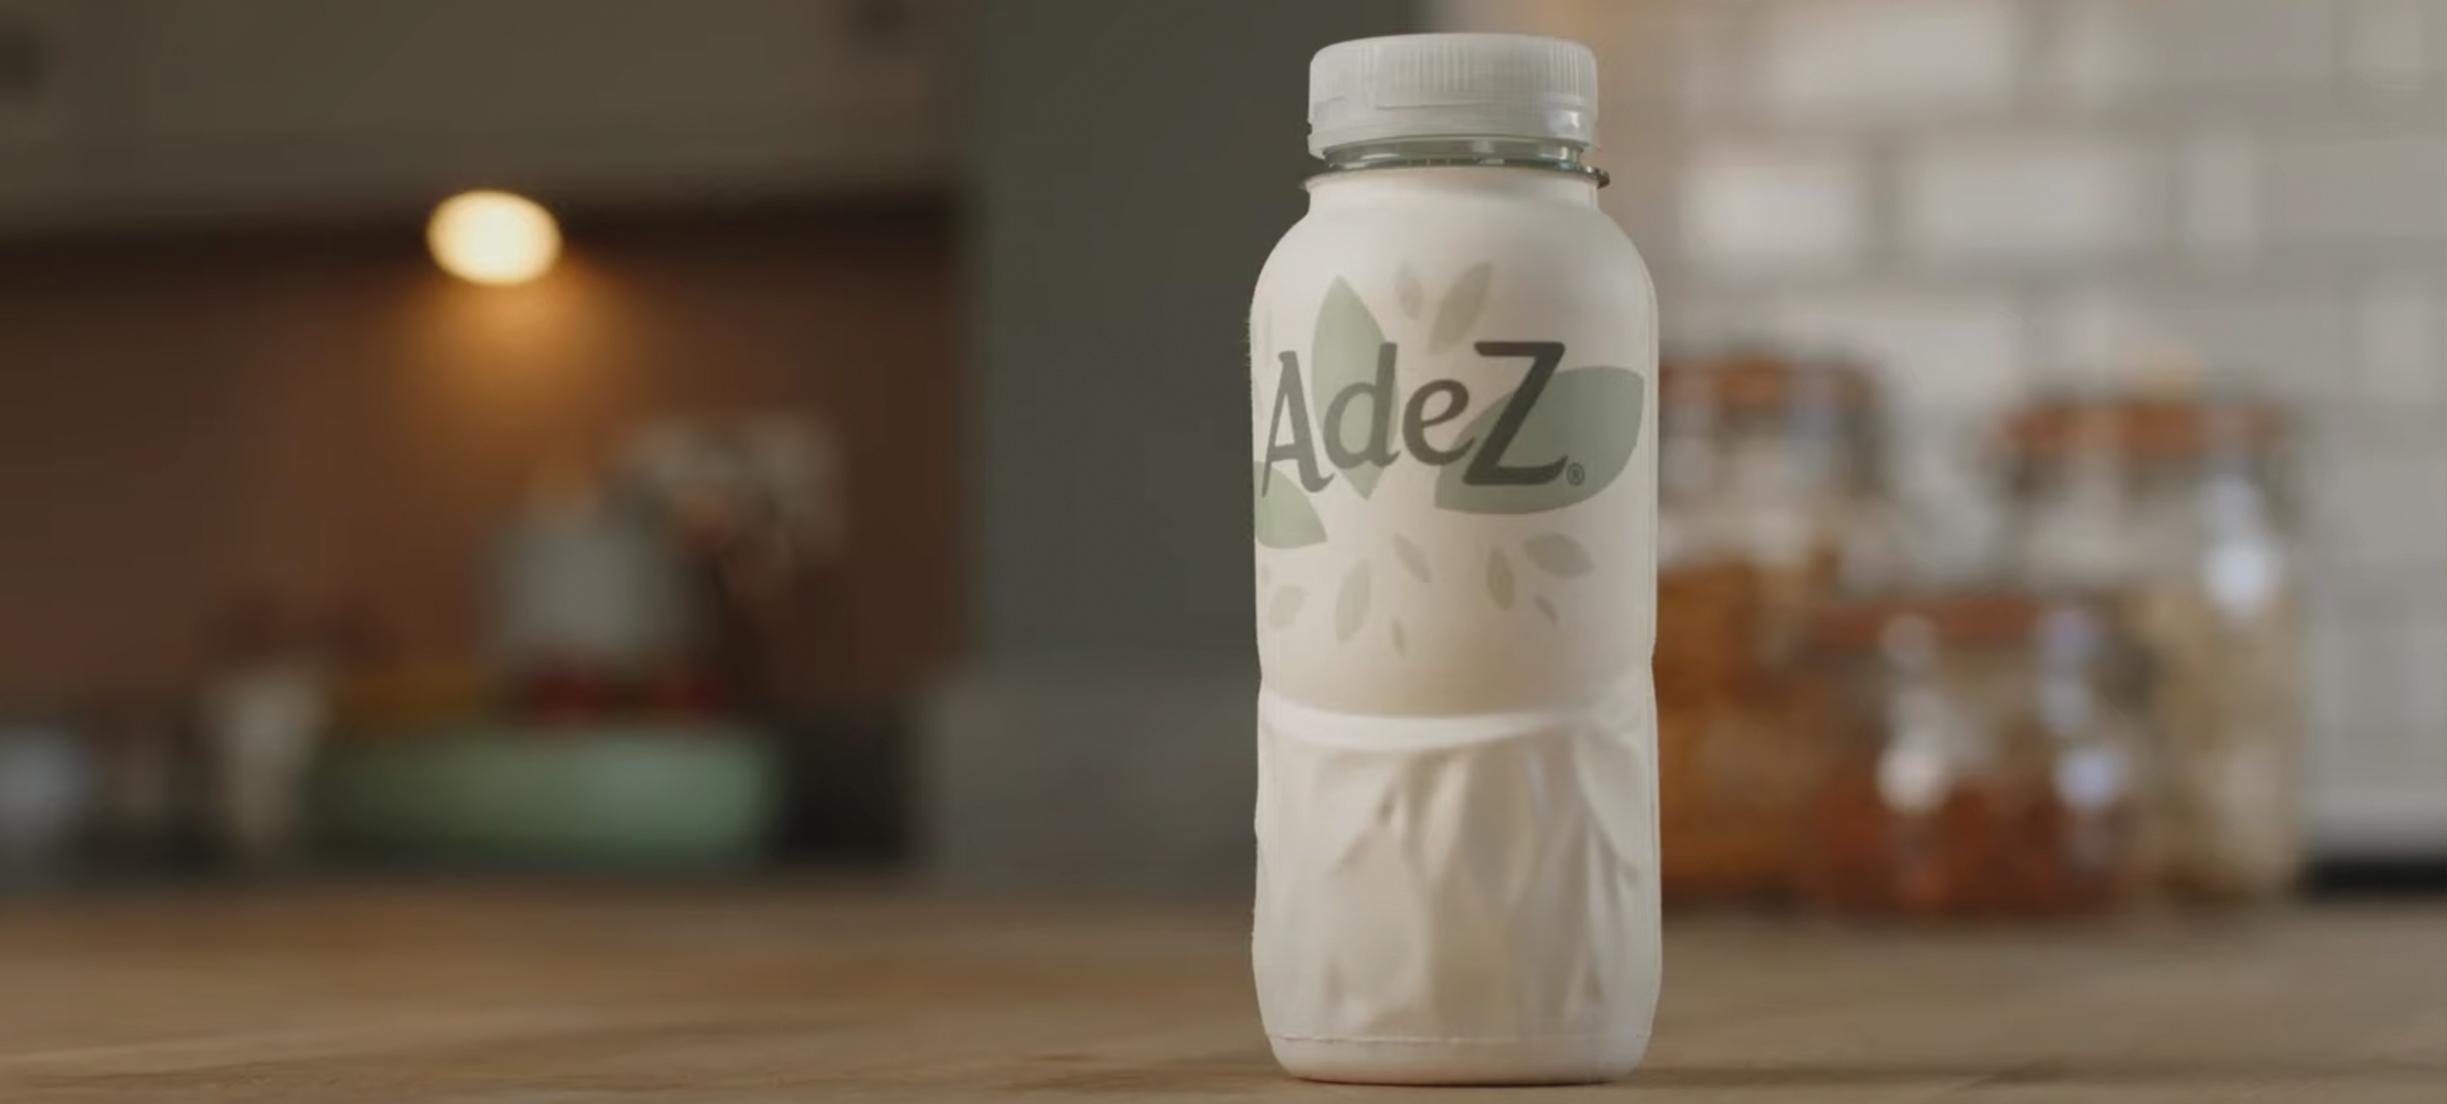 De dag in vooruitgang: Coca Cola gaat papieren fles testen, en meer